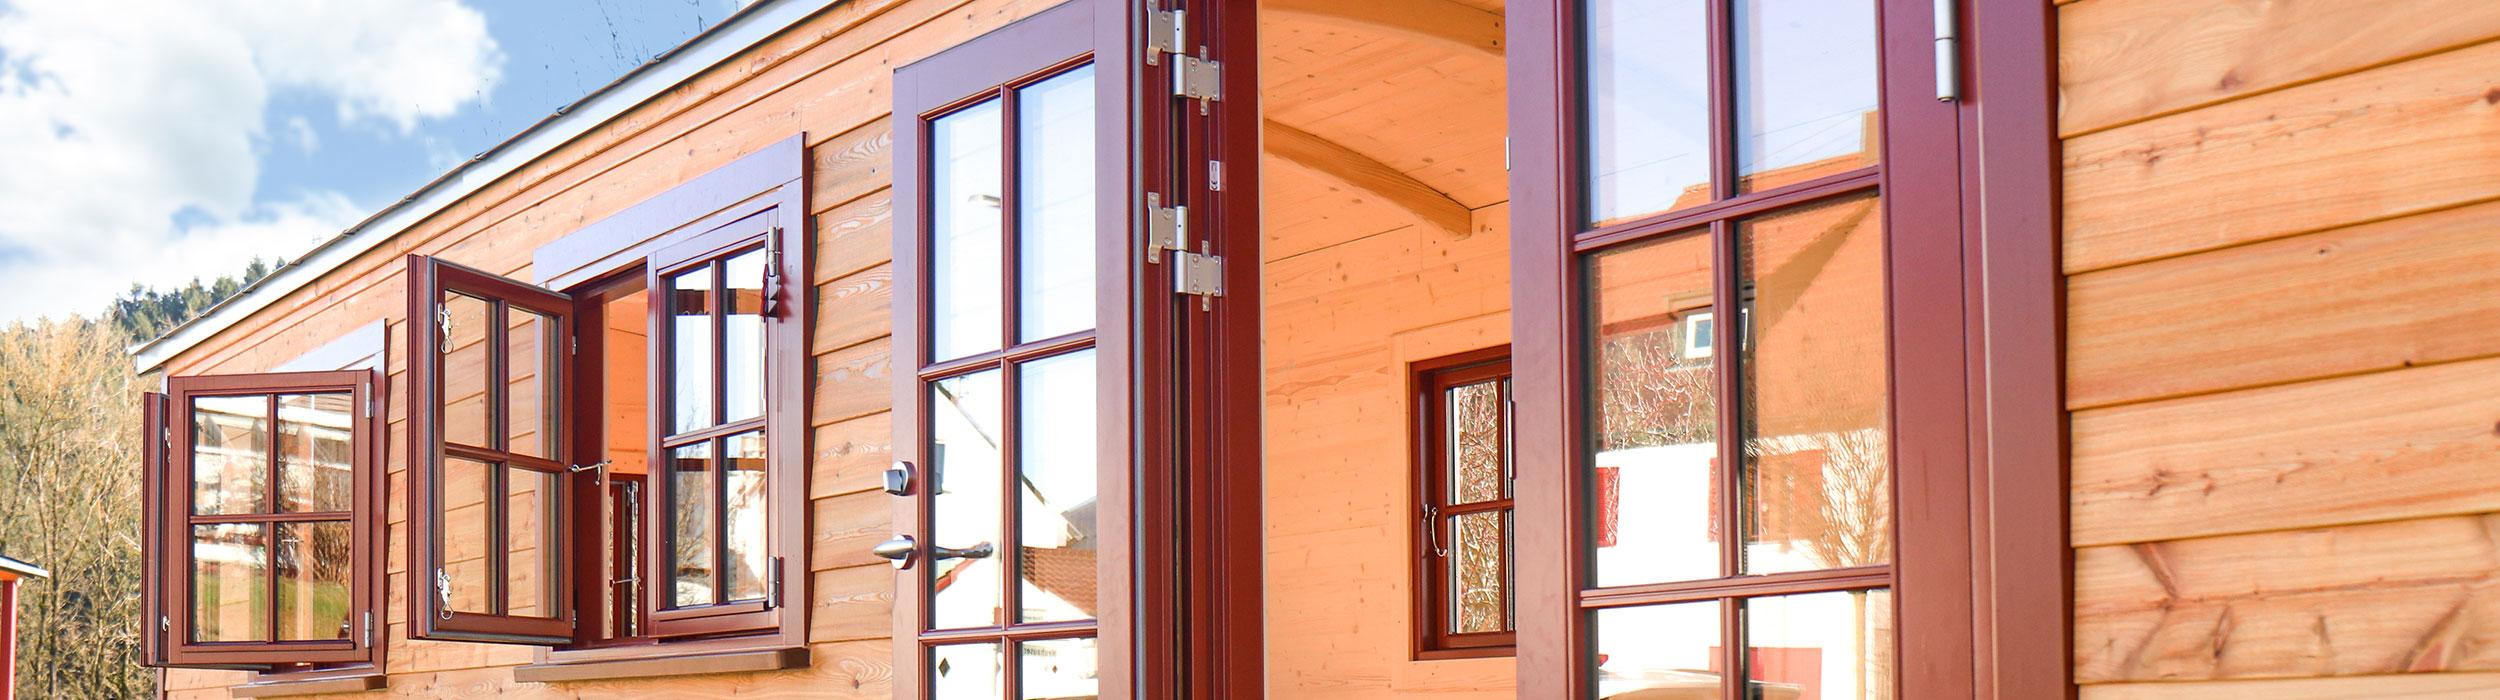 Fassade eines Waldkindergartens mit offenen dänischen Fenster